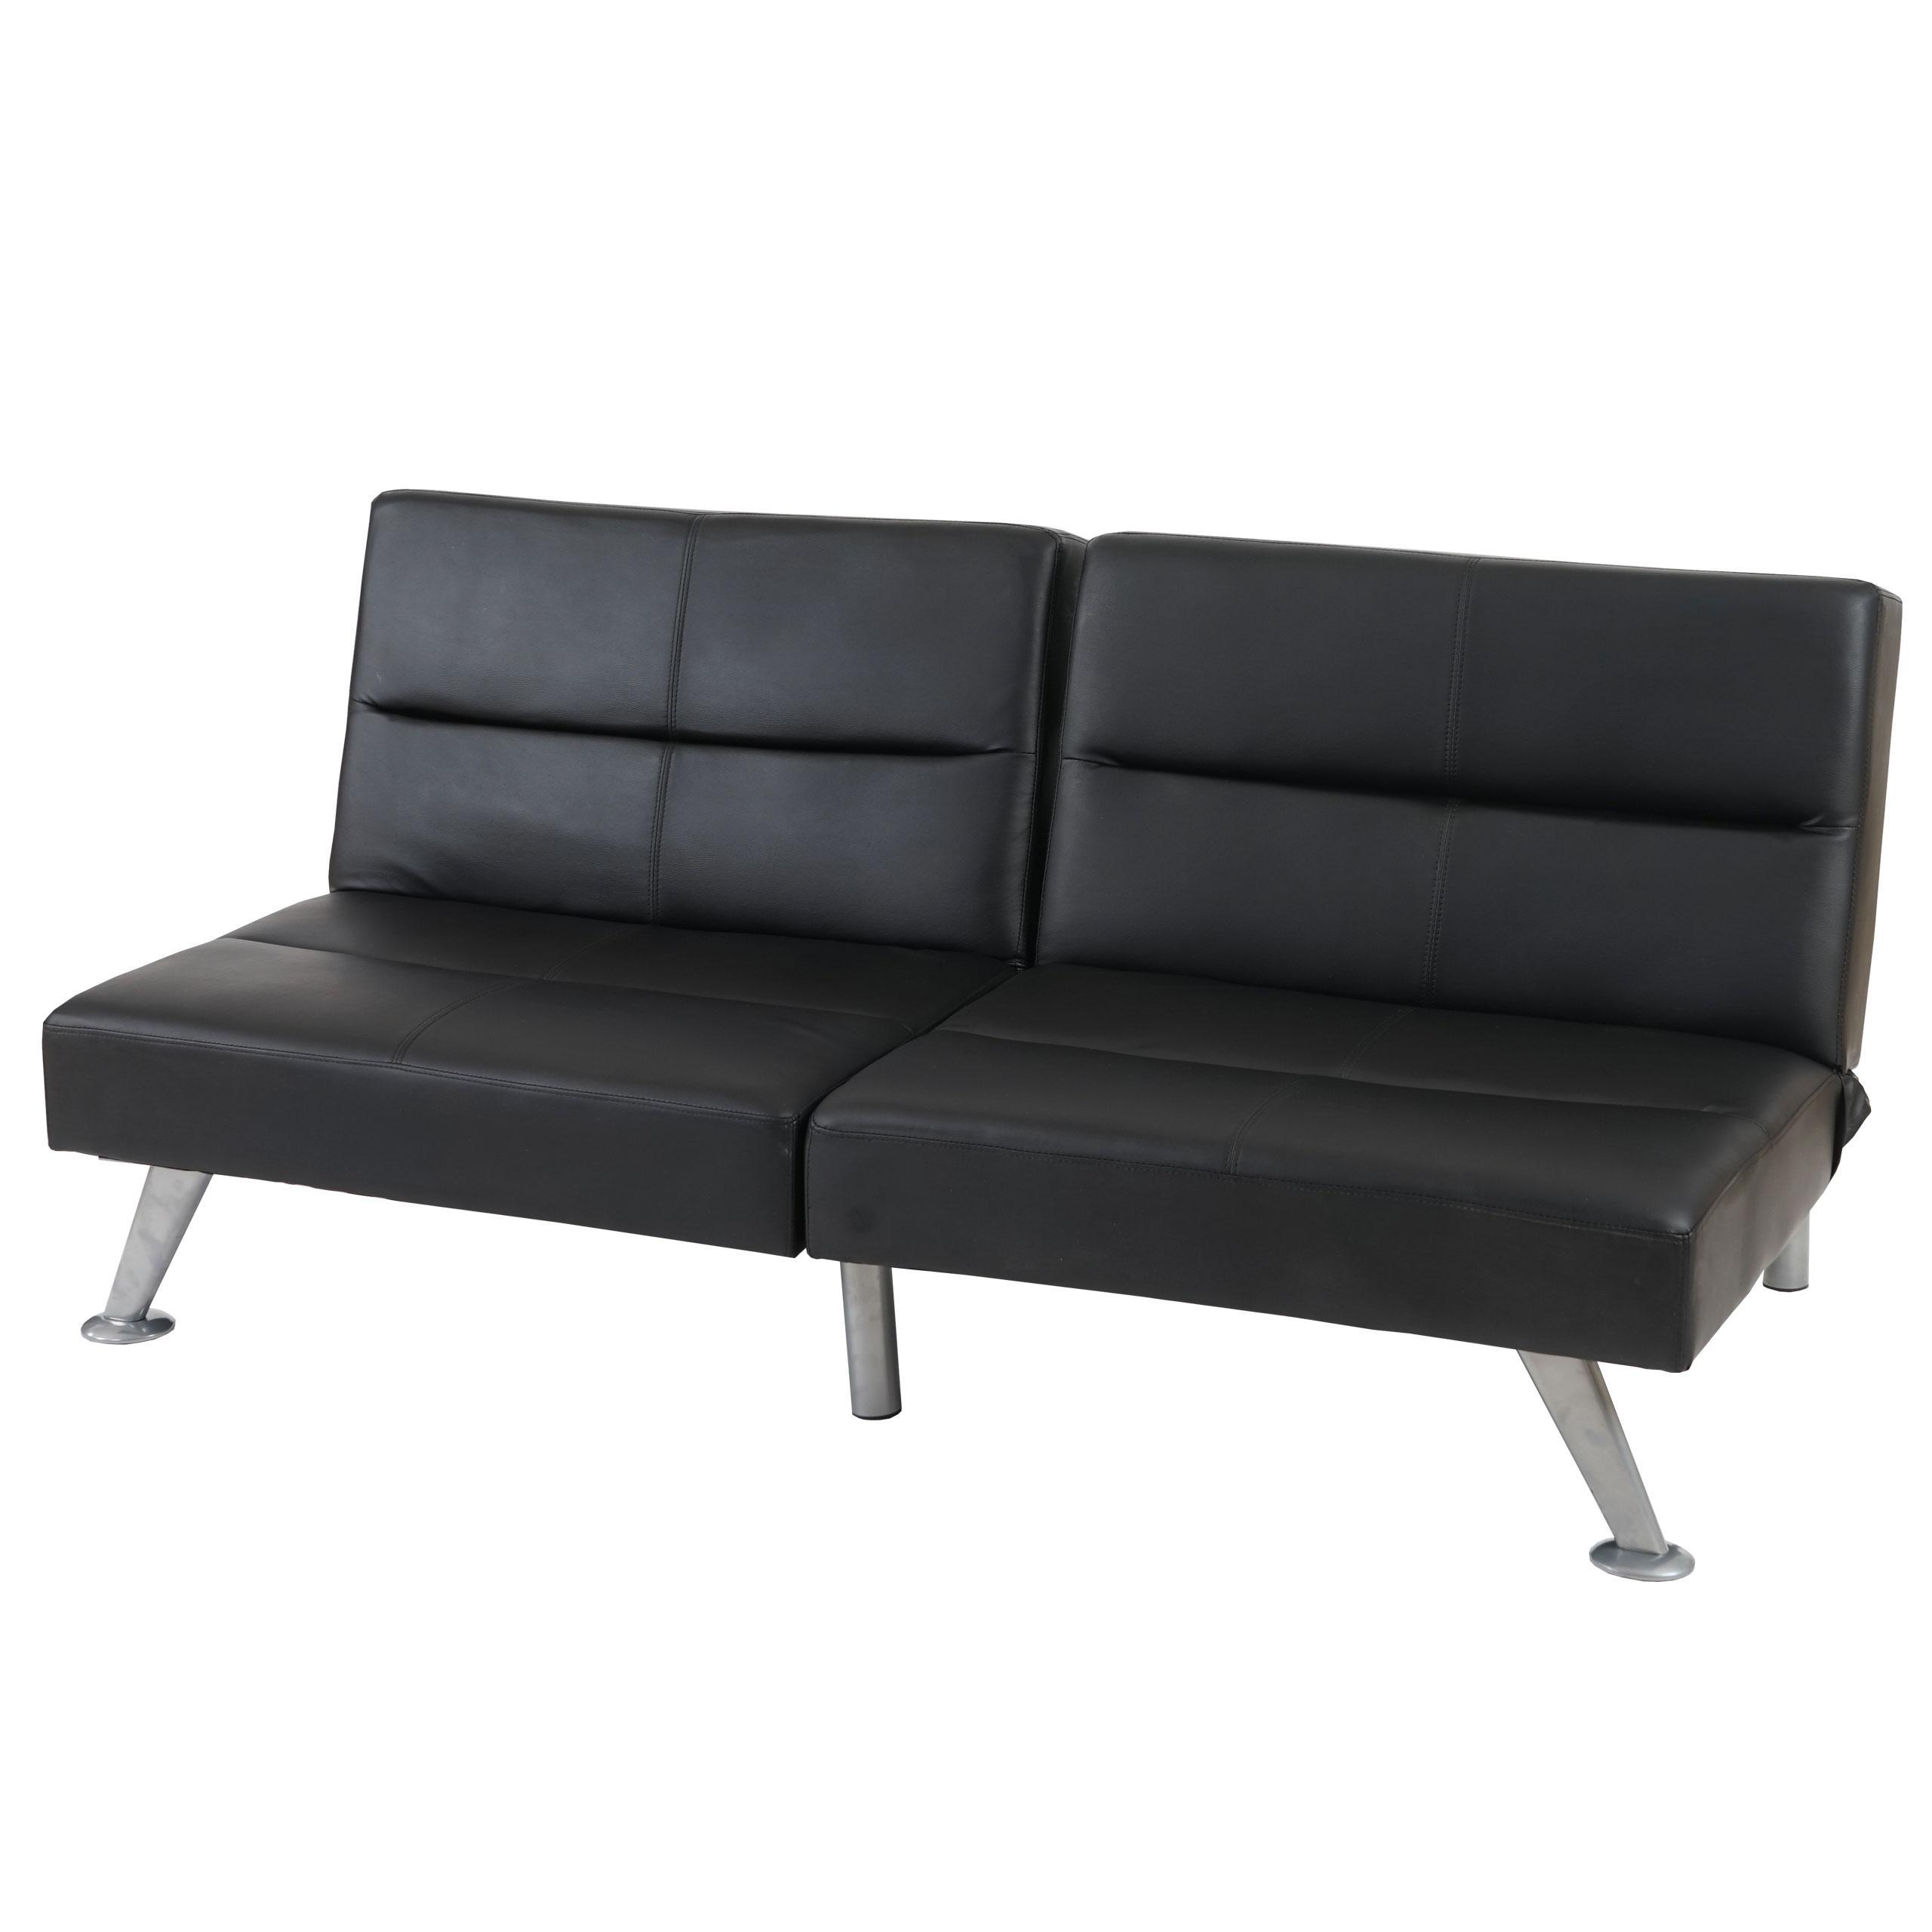 Sof plegable de 3 plazas romeo muy vers til y c modo en piel real color negro sof plegable - Sofas muy comodos ...